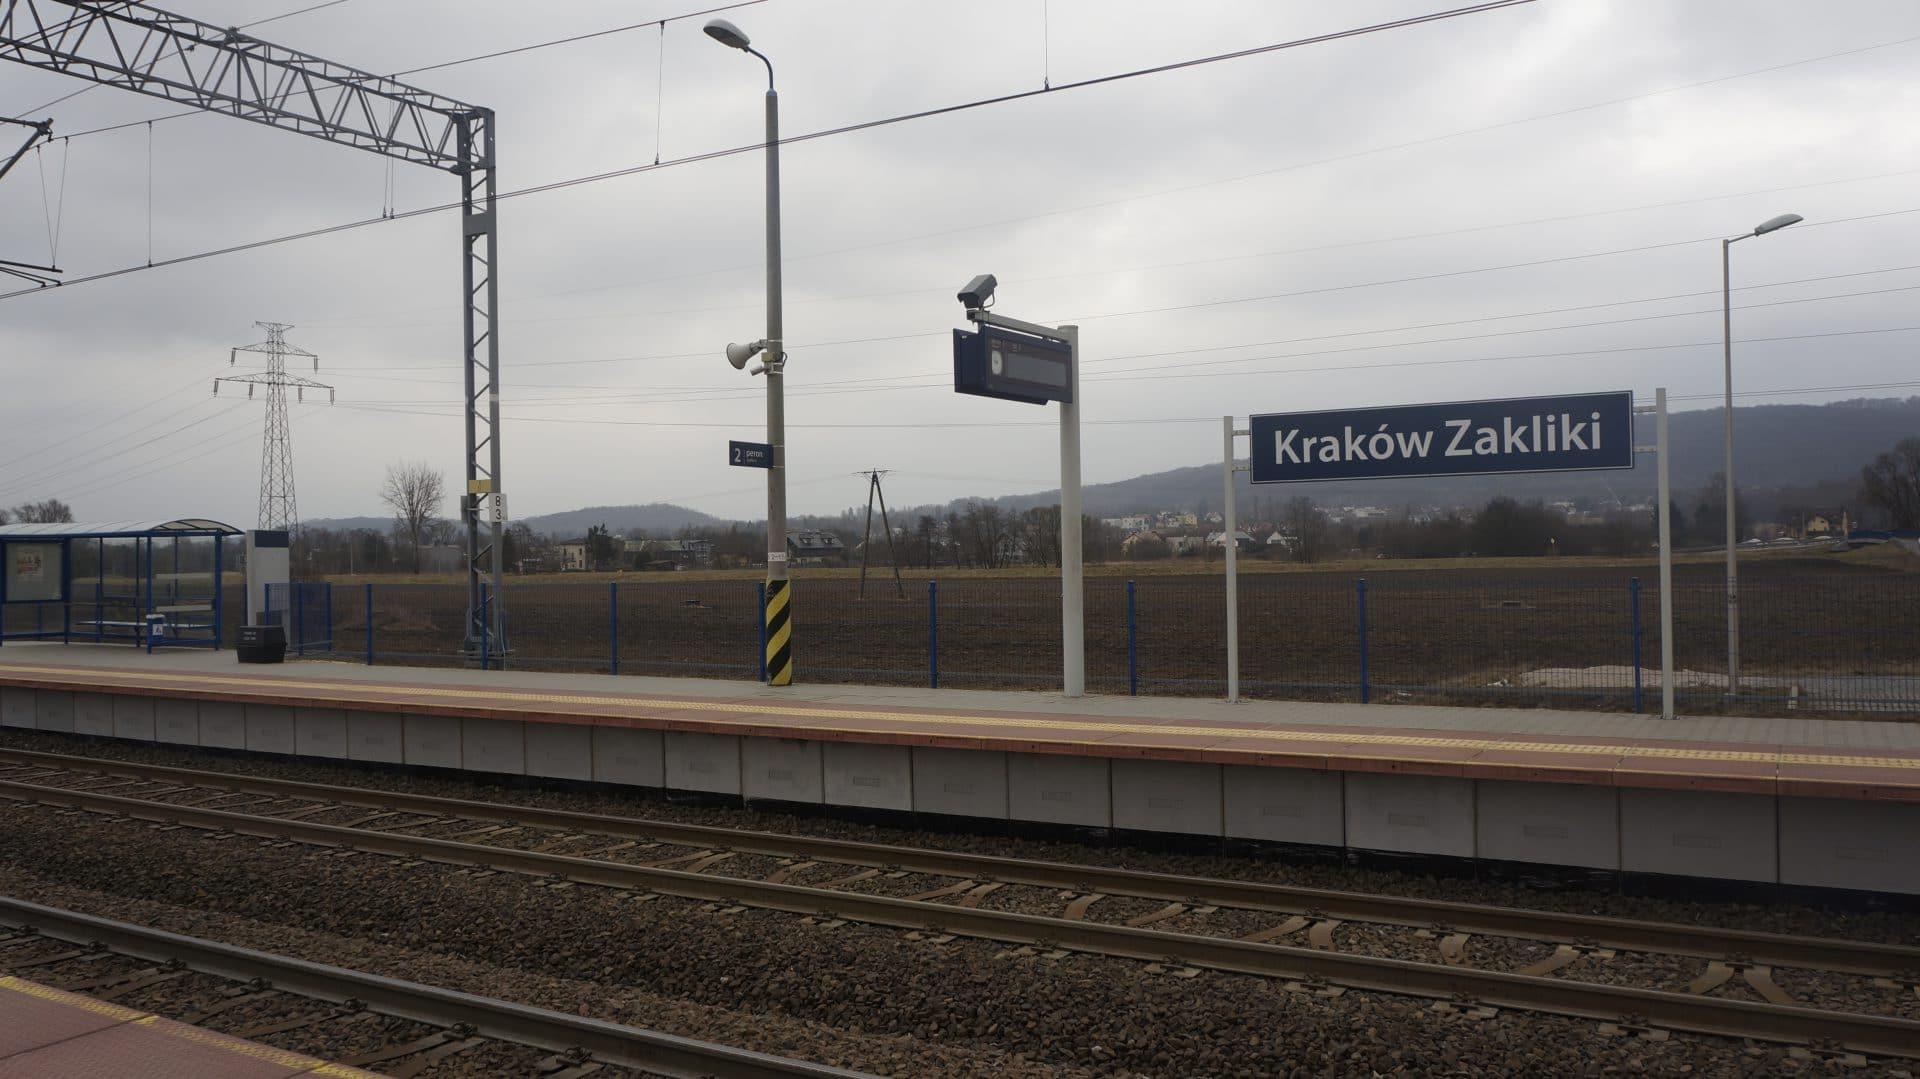 Kraków. Mydlniki. Pola orne. Zieleń. Zielona stolica.